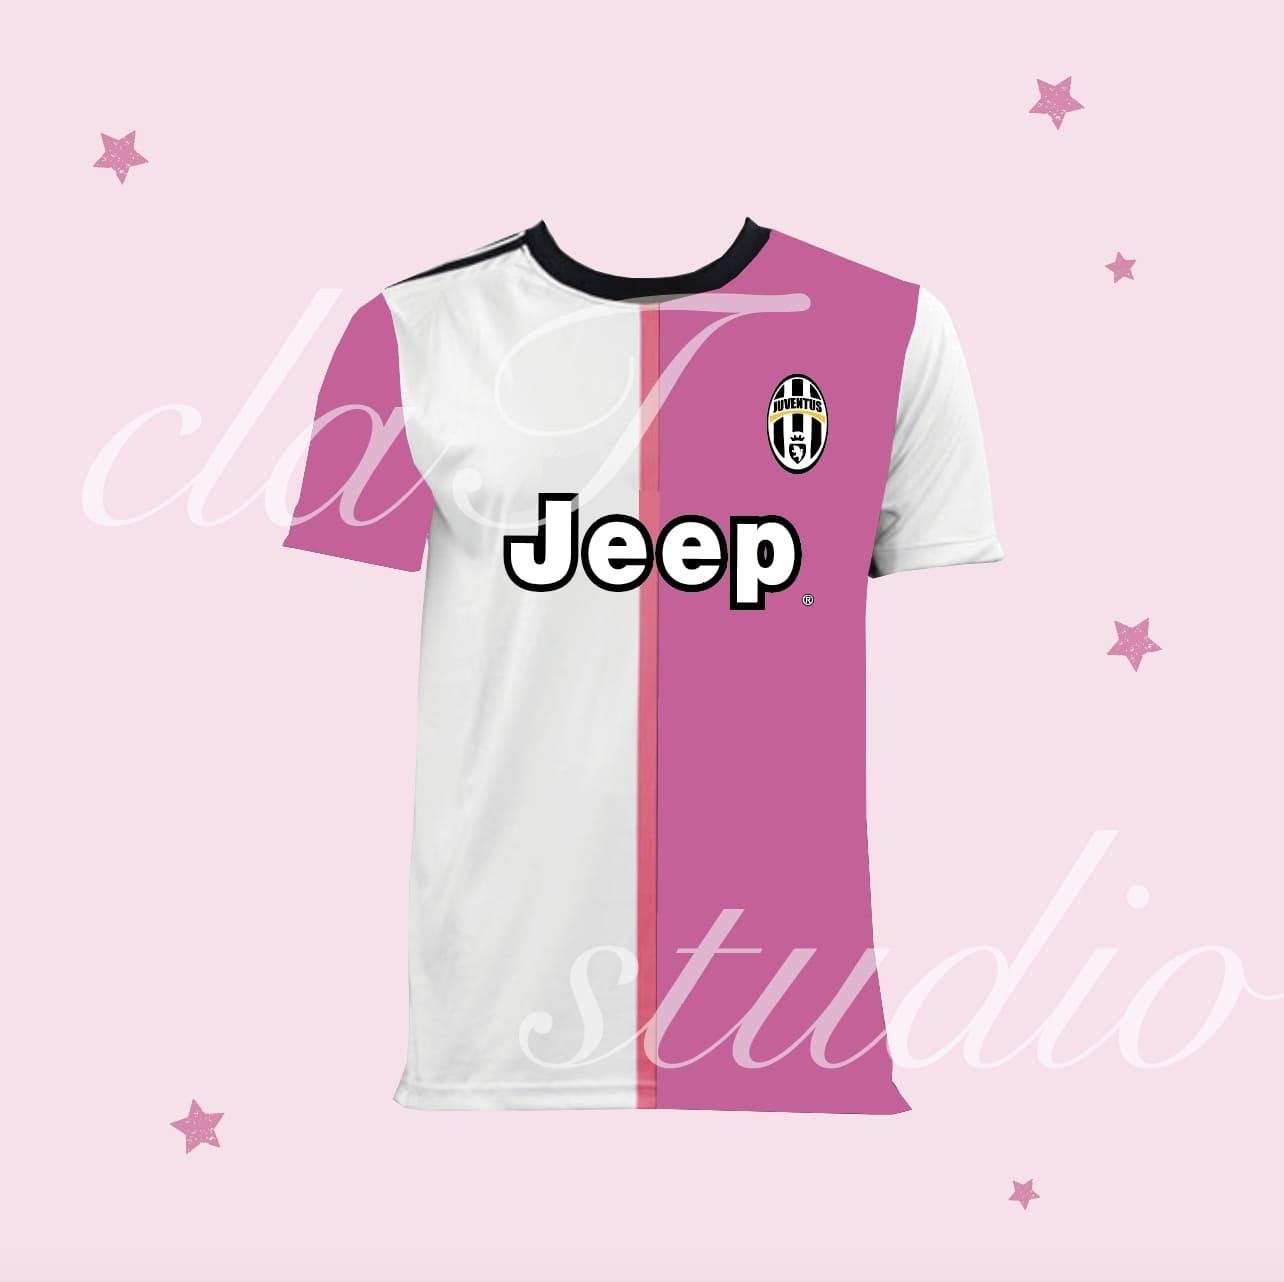 ピンクのサッカーユニフォームクラスtシャツ_image_0001